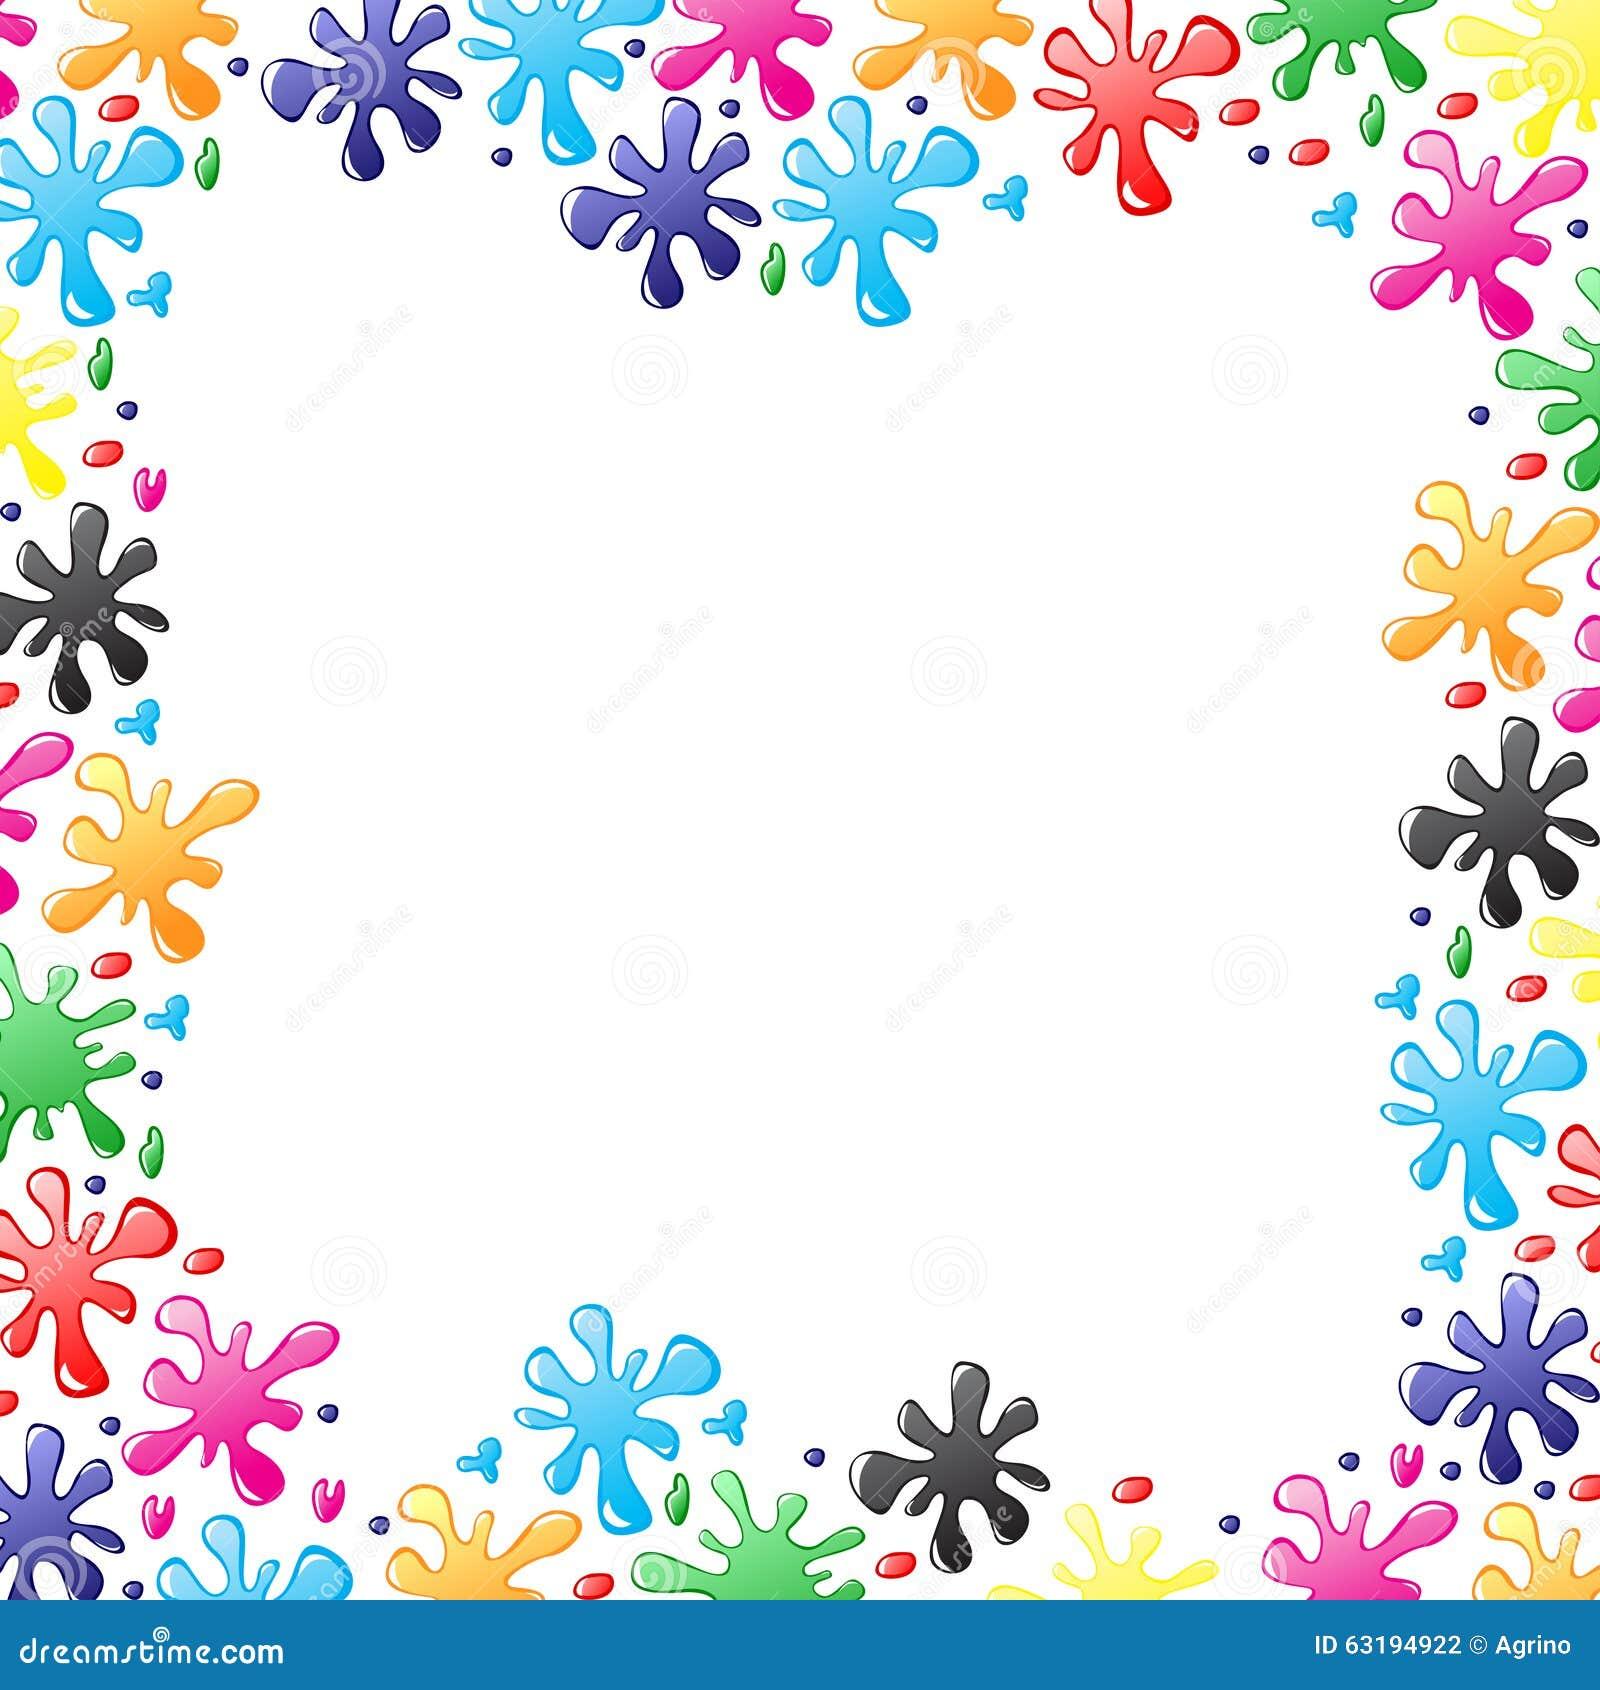 Decoratieve grens van vervendalingen en vlekken vector illustratie afbeelding 63194922 - Grafiek blauw grijze verf ...